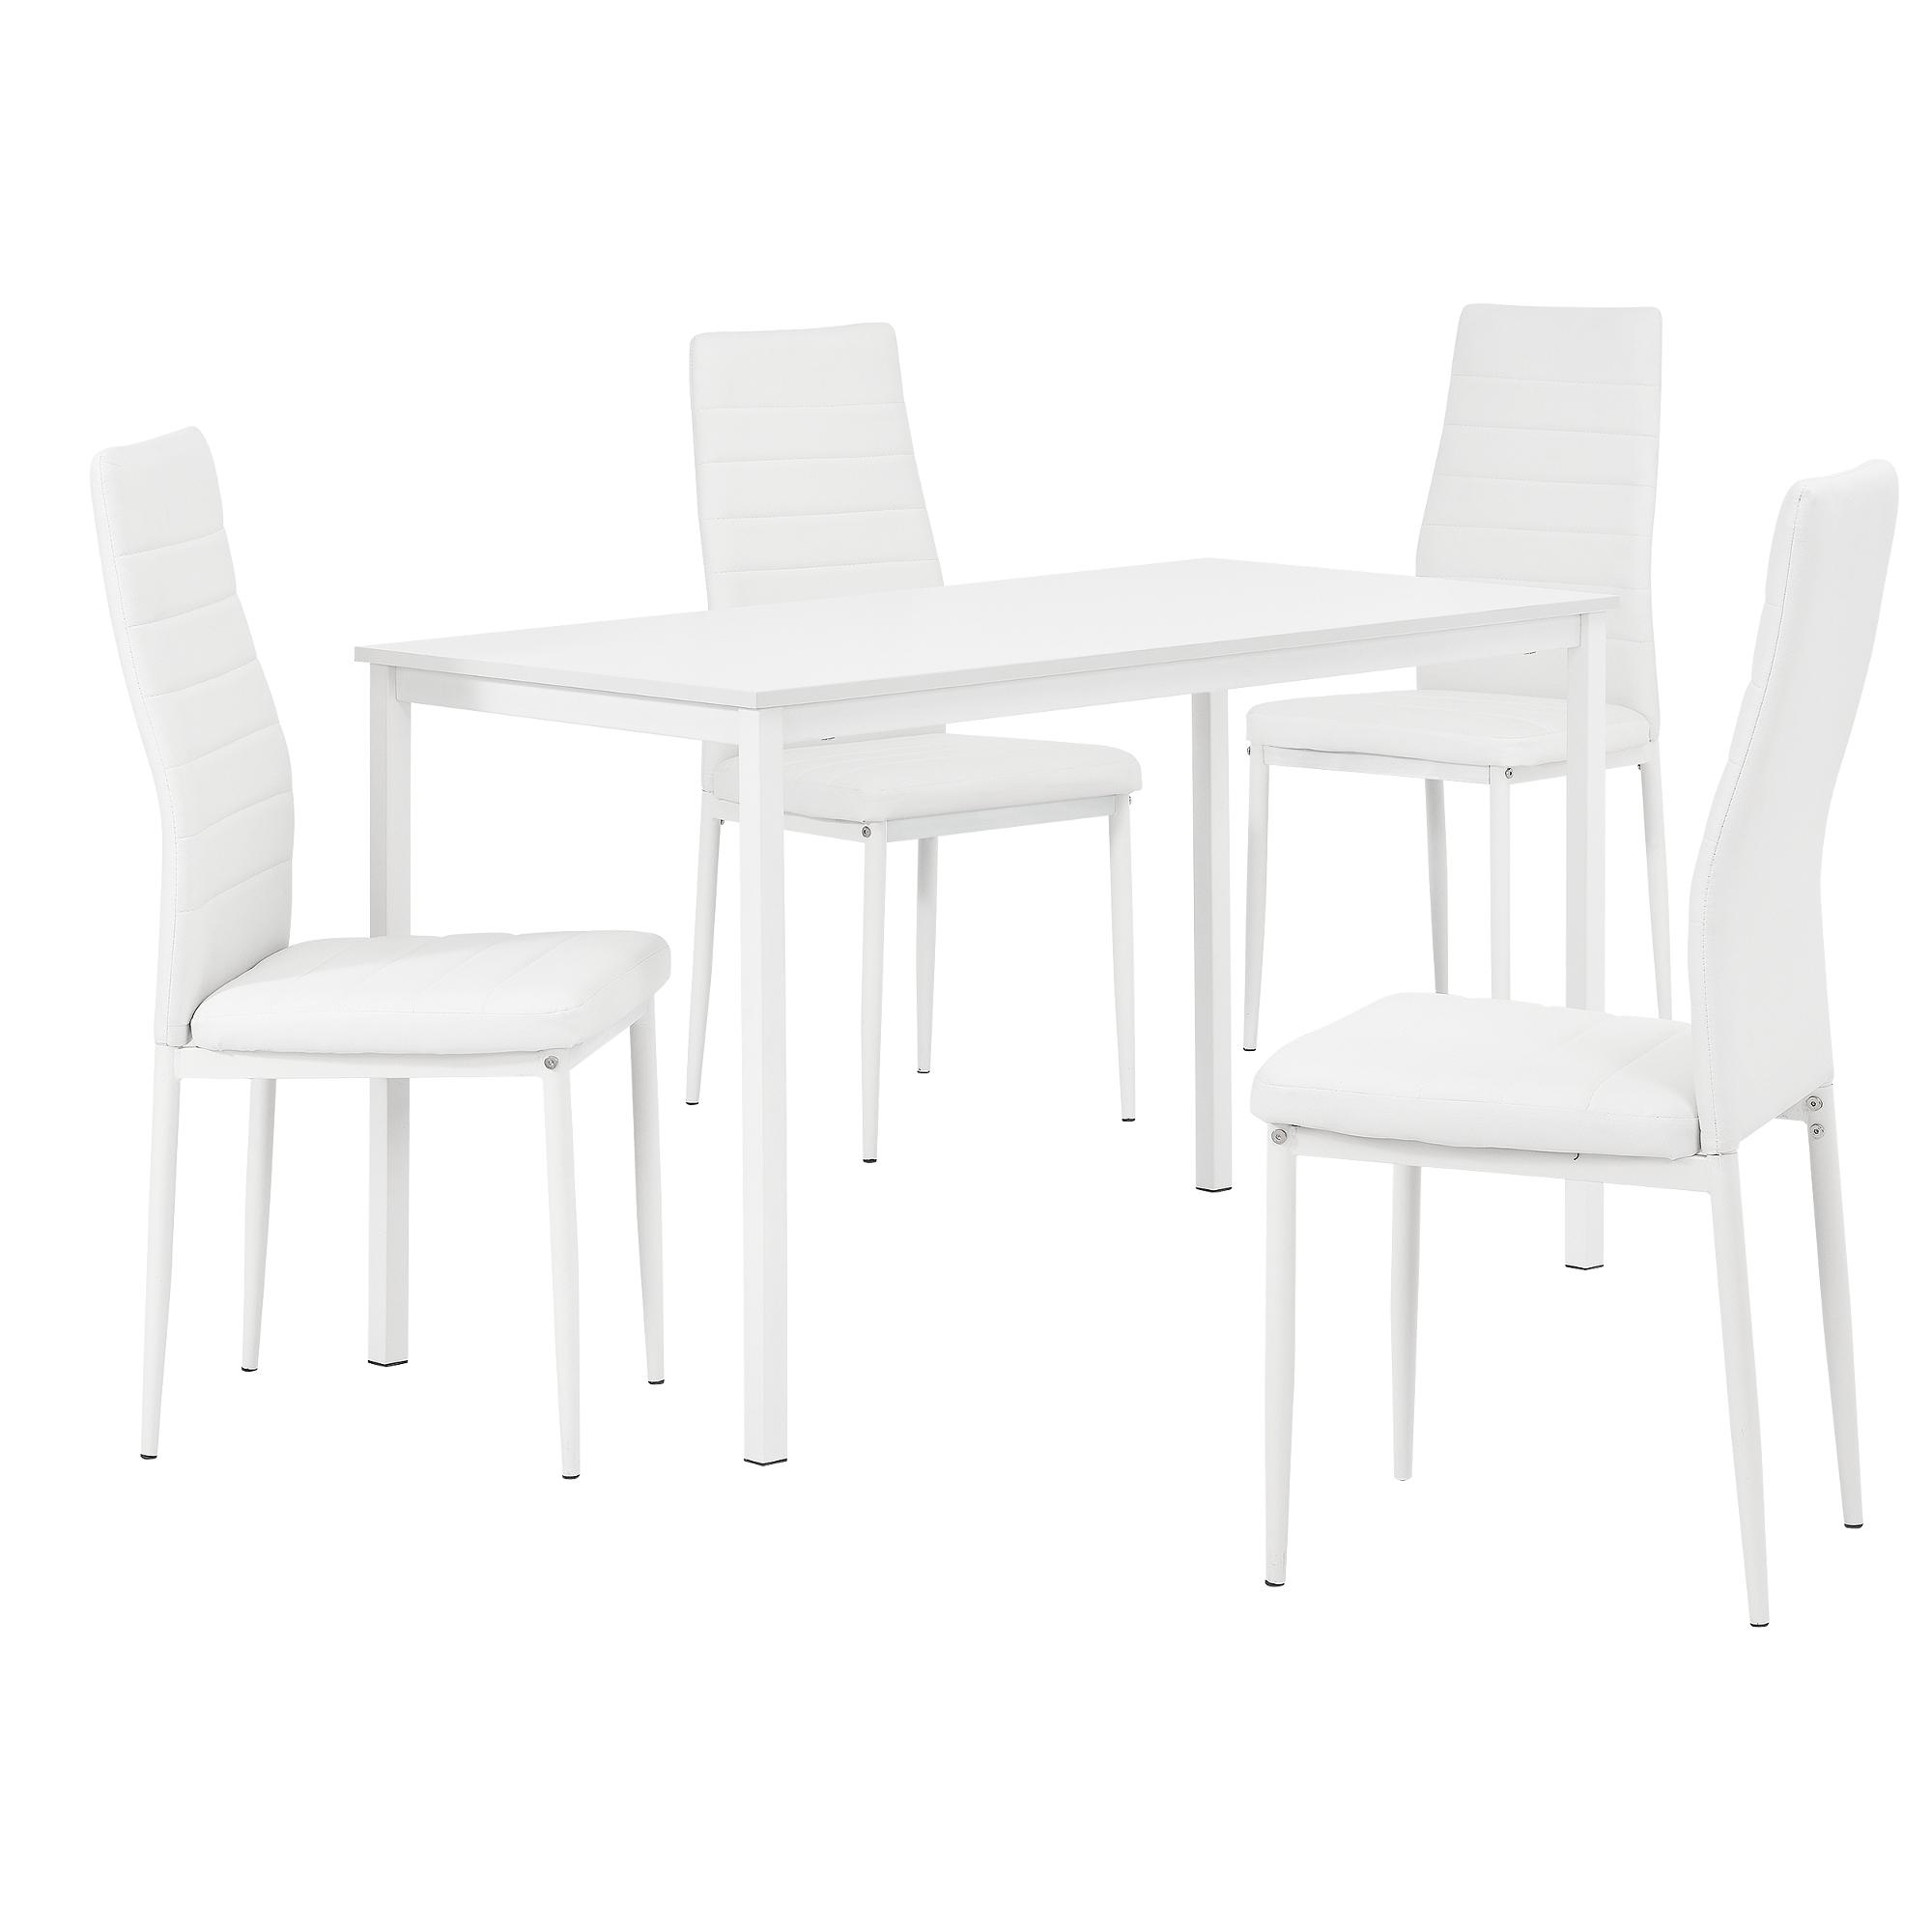 Esstisch mit 4 Stühlen weiß 120x60cm Küchentisch Esszimmertisch | eBay